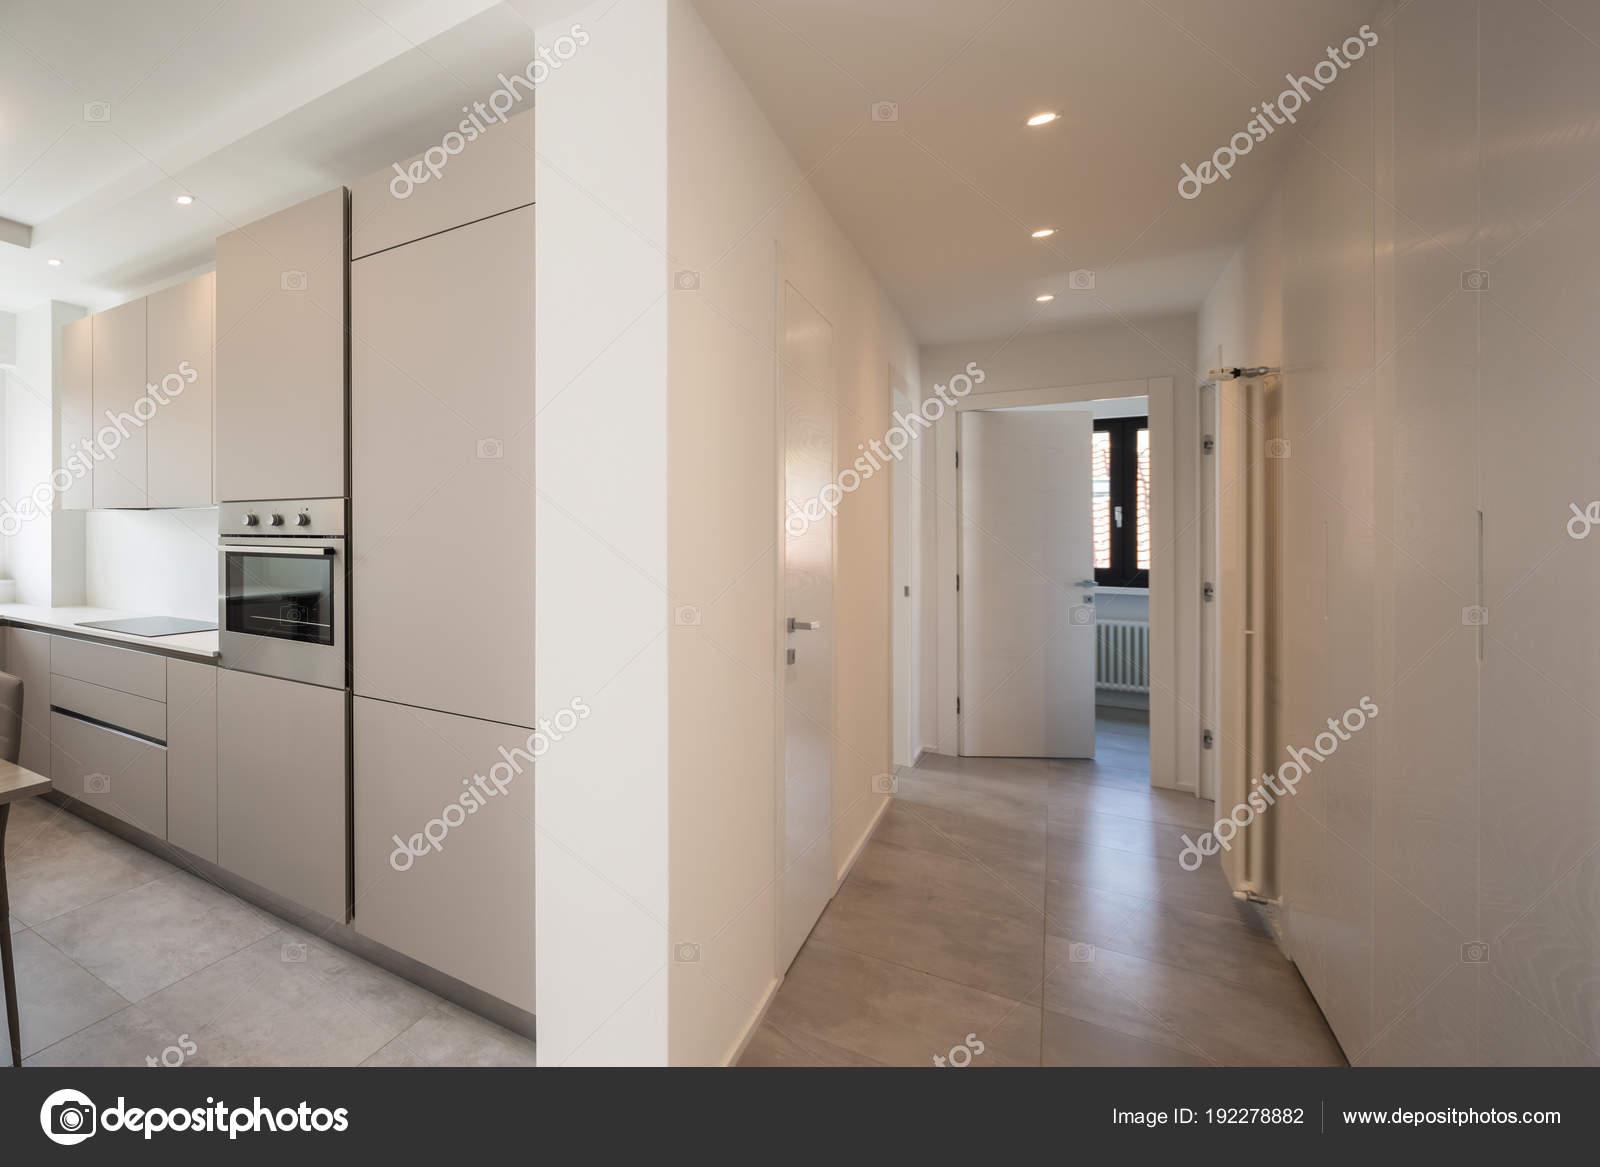 Elegante cucina e corridoio con faretti in appartamento moderno